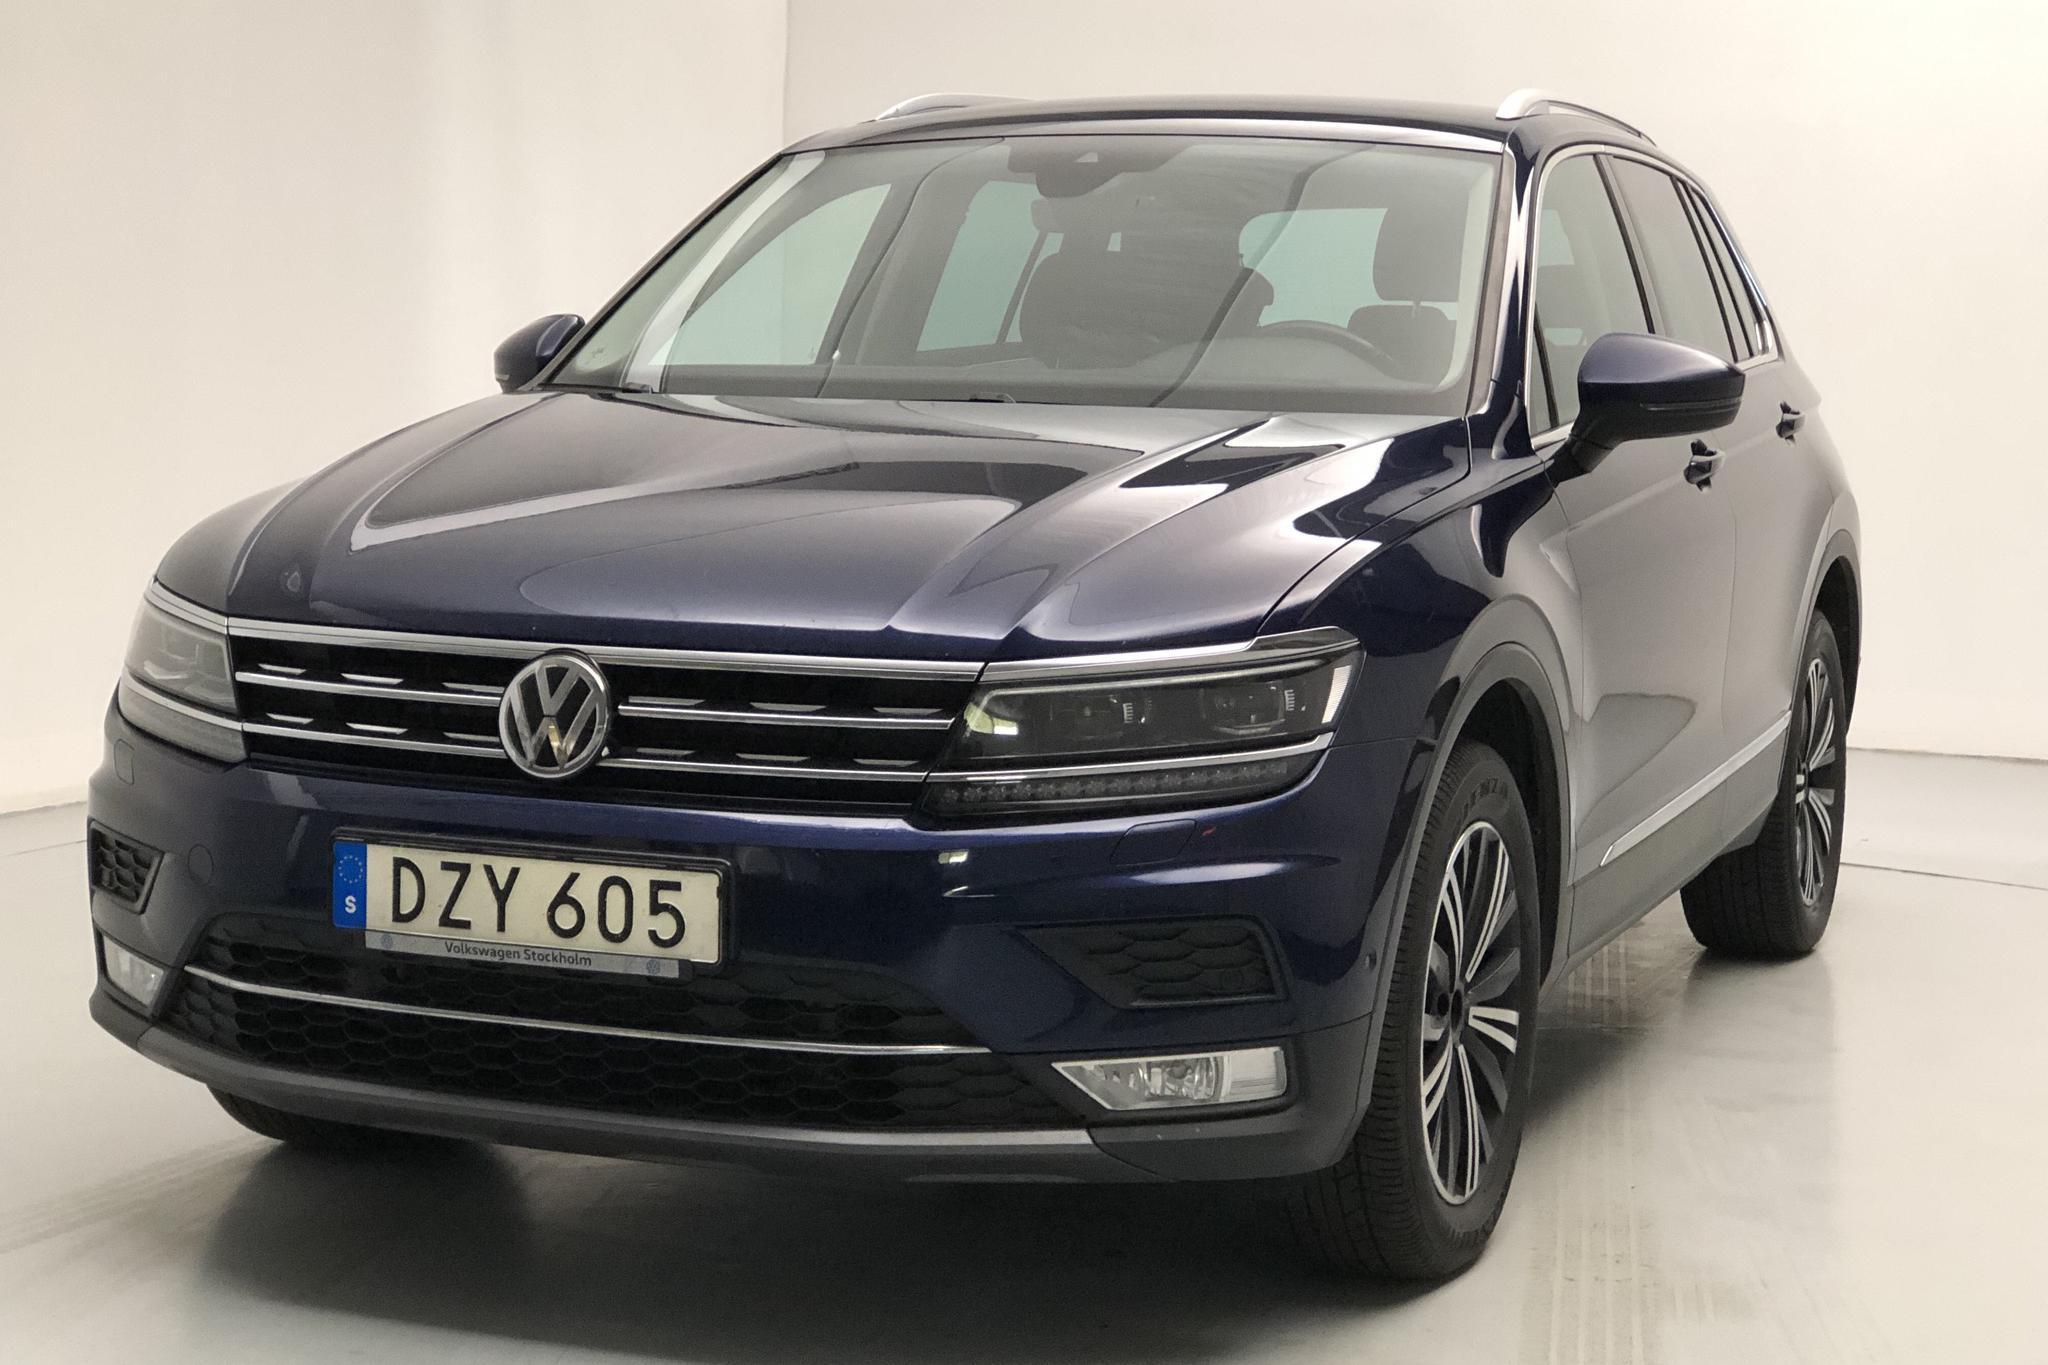 VW Tiguan 2.0 TDI 4MOTION (190hk) - 10 702 mil - Automat - Dark Blue - 2017